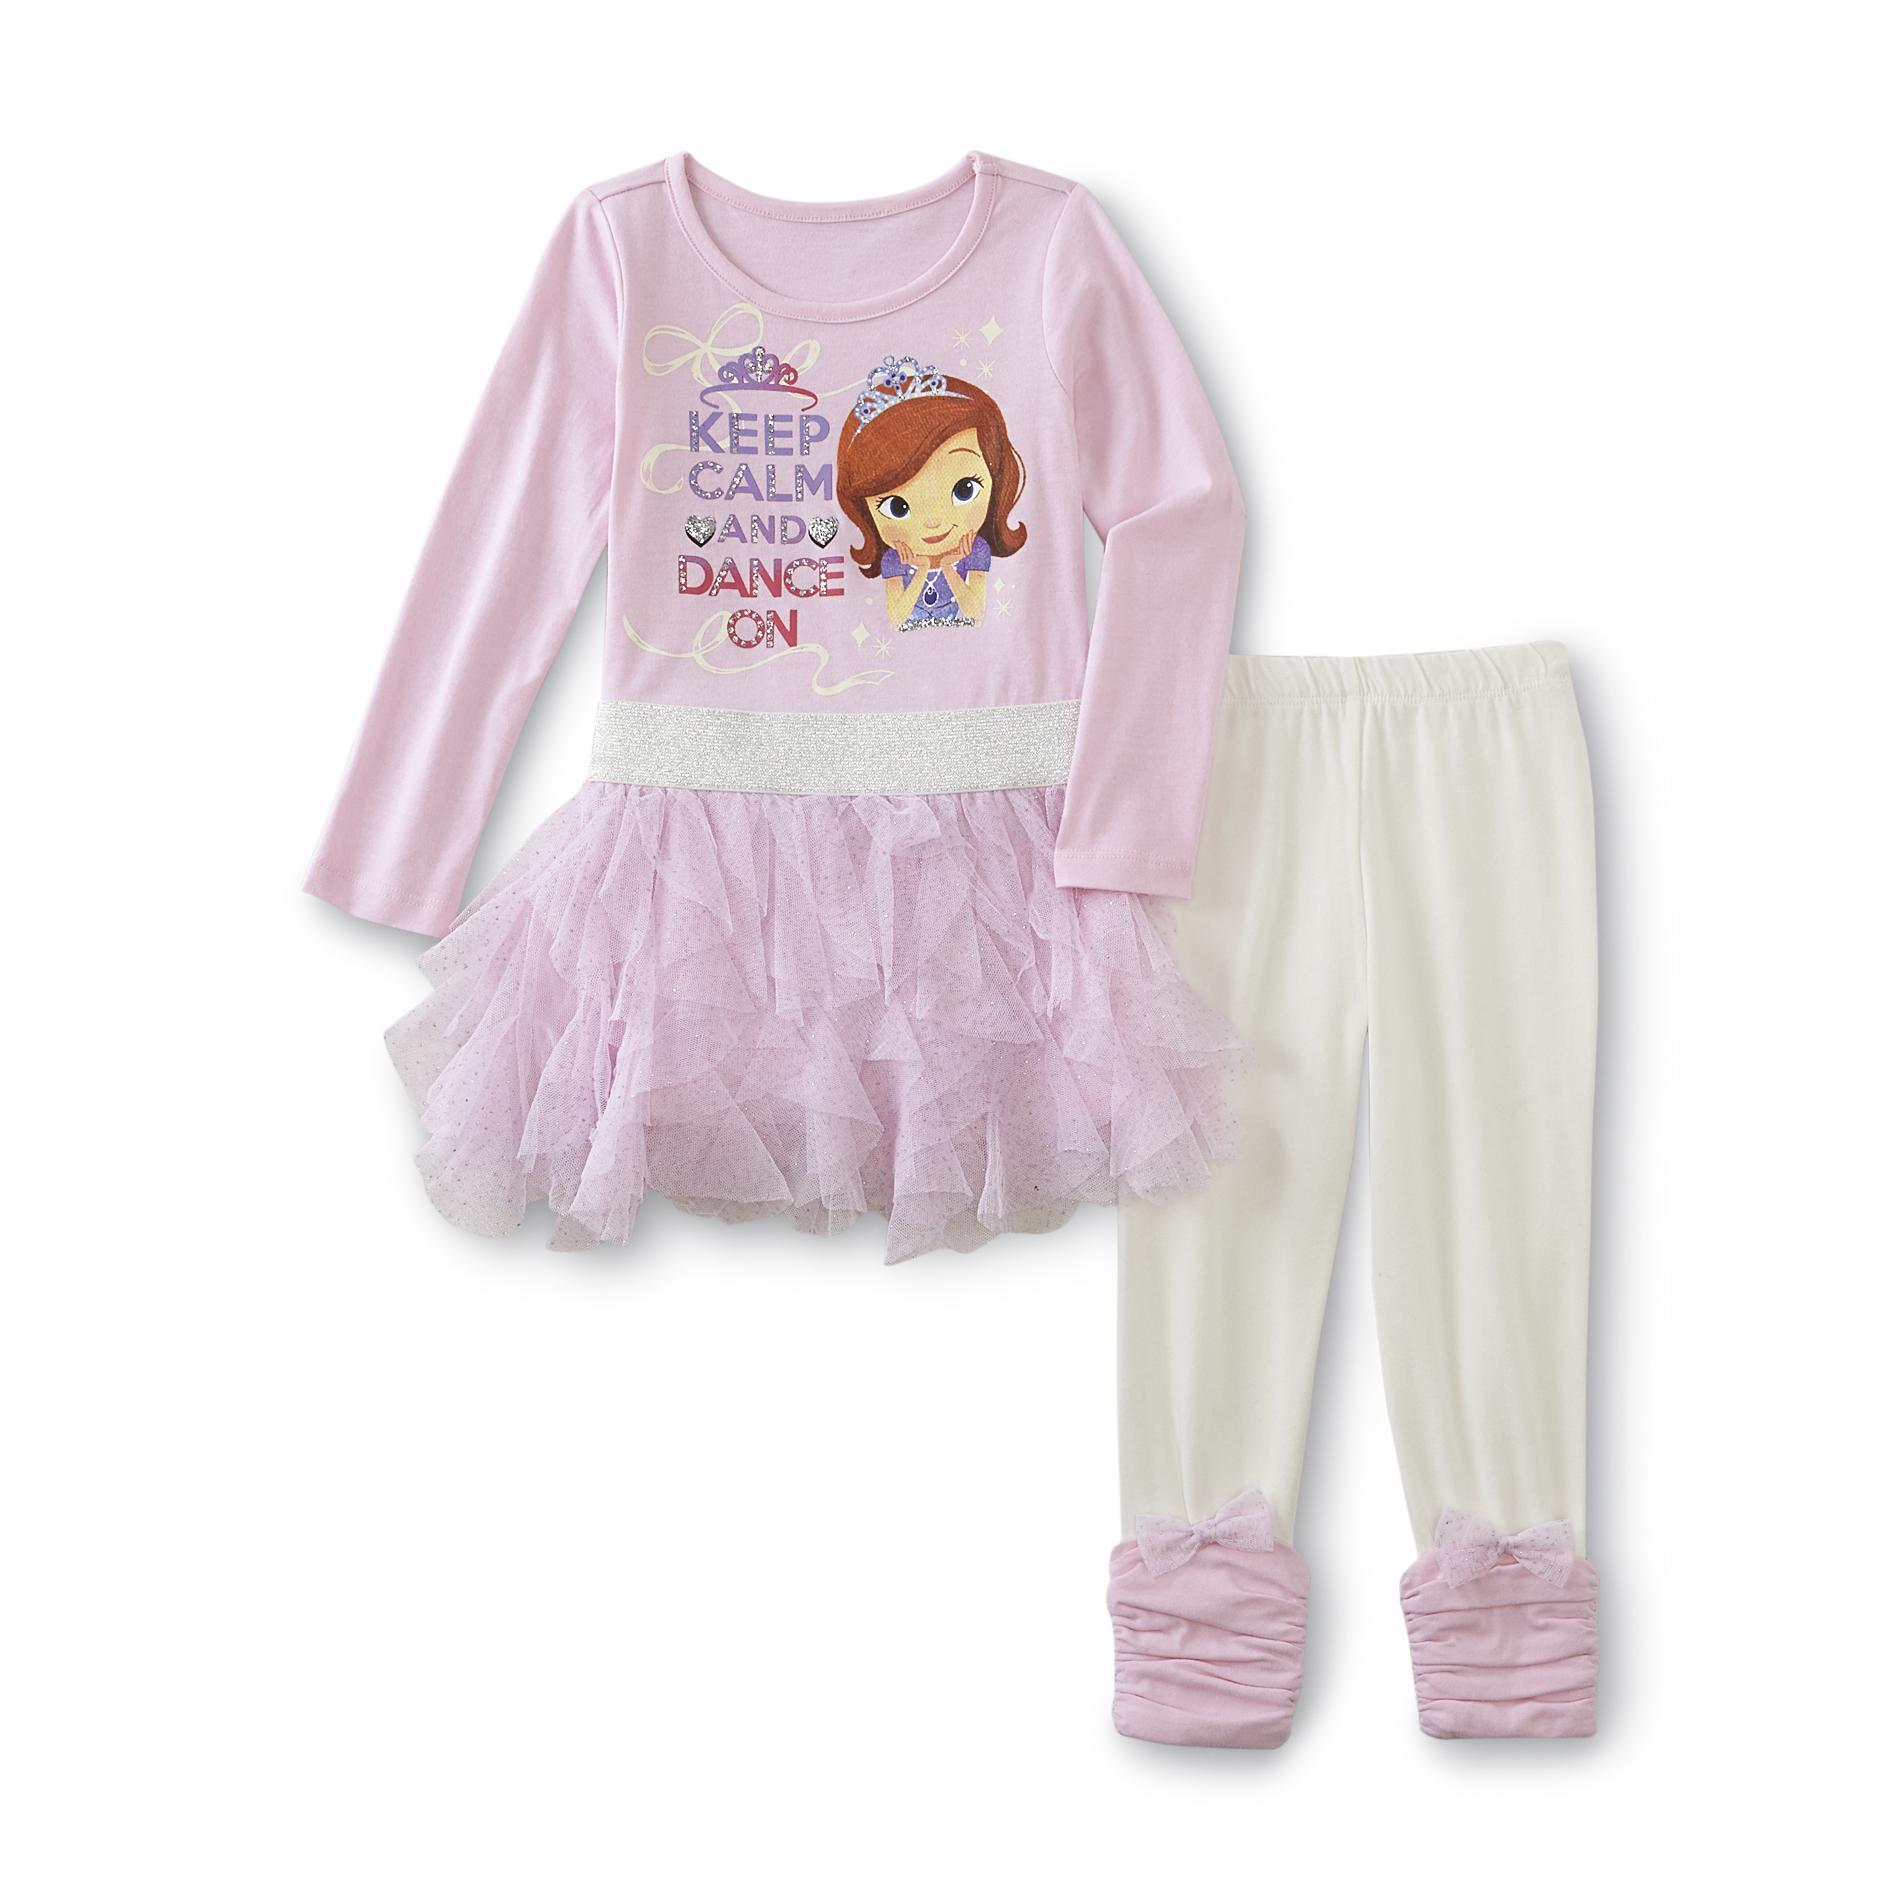 Disney Baby Sofia the First Toddler Girl's Dress & Leggings